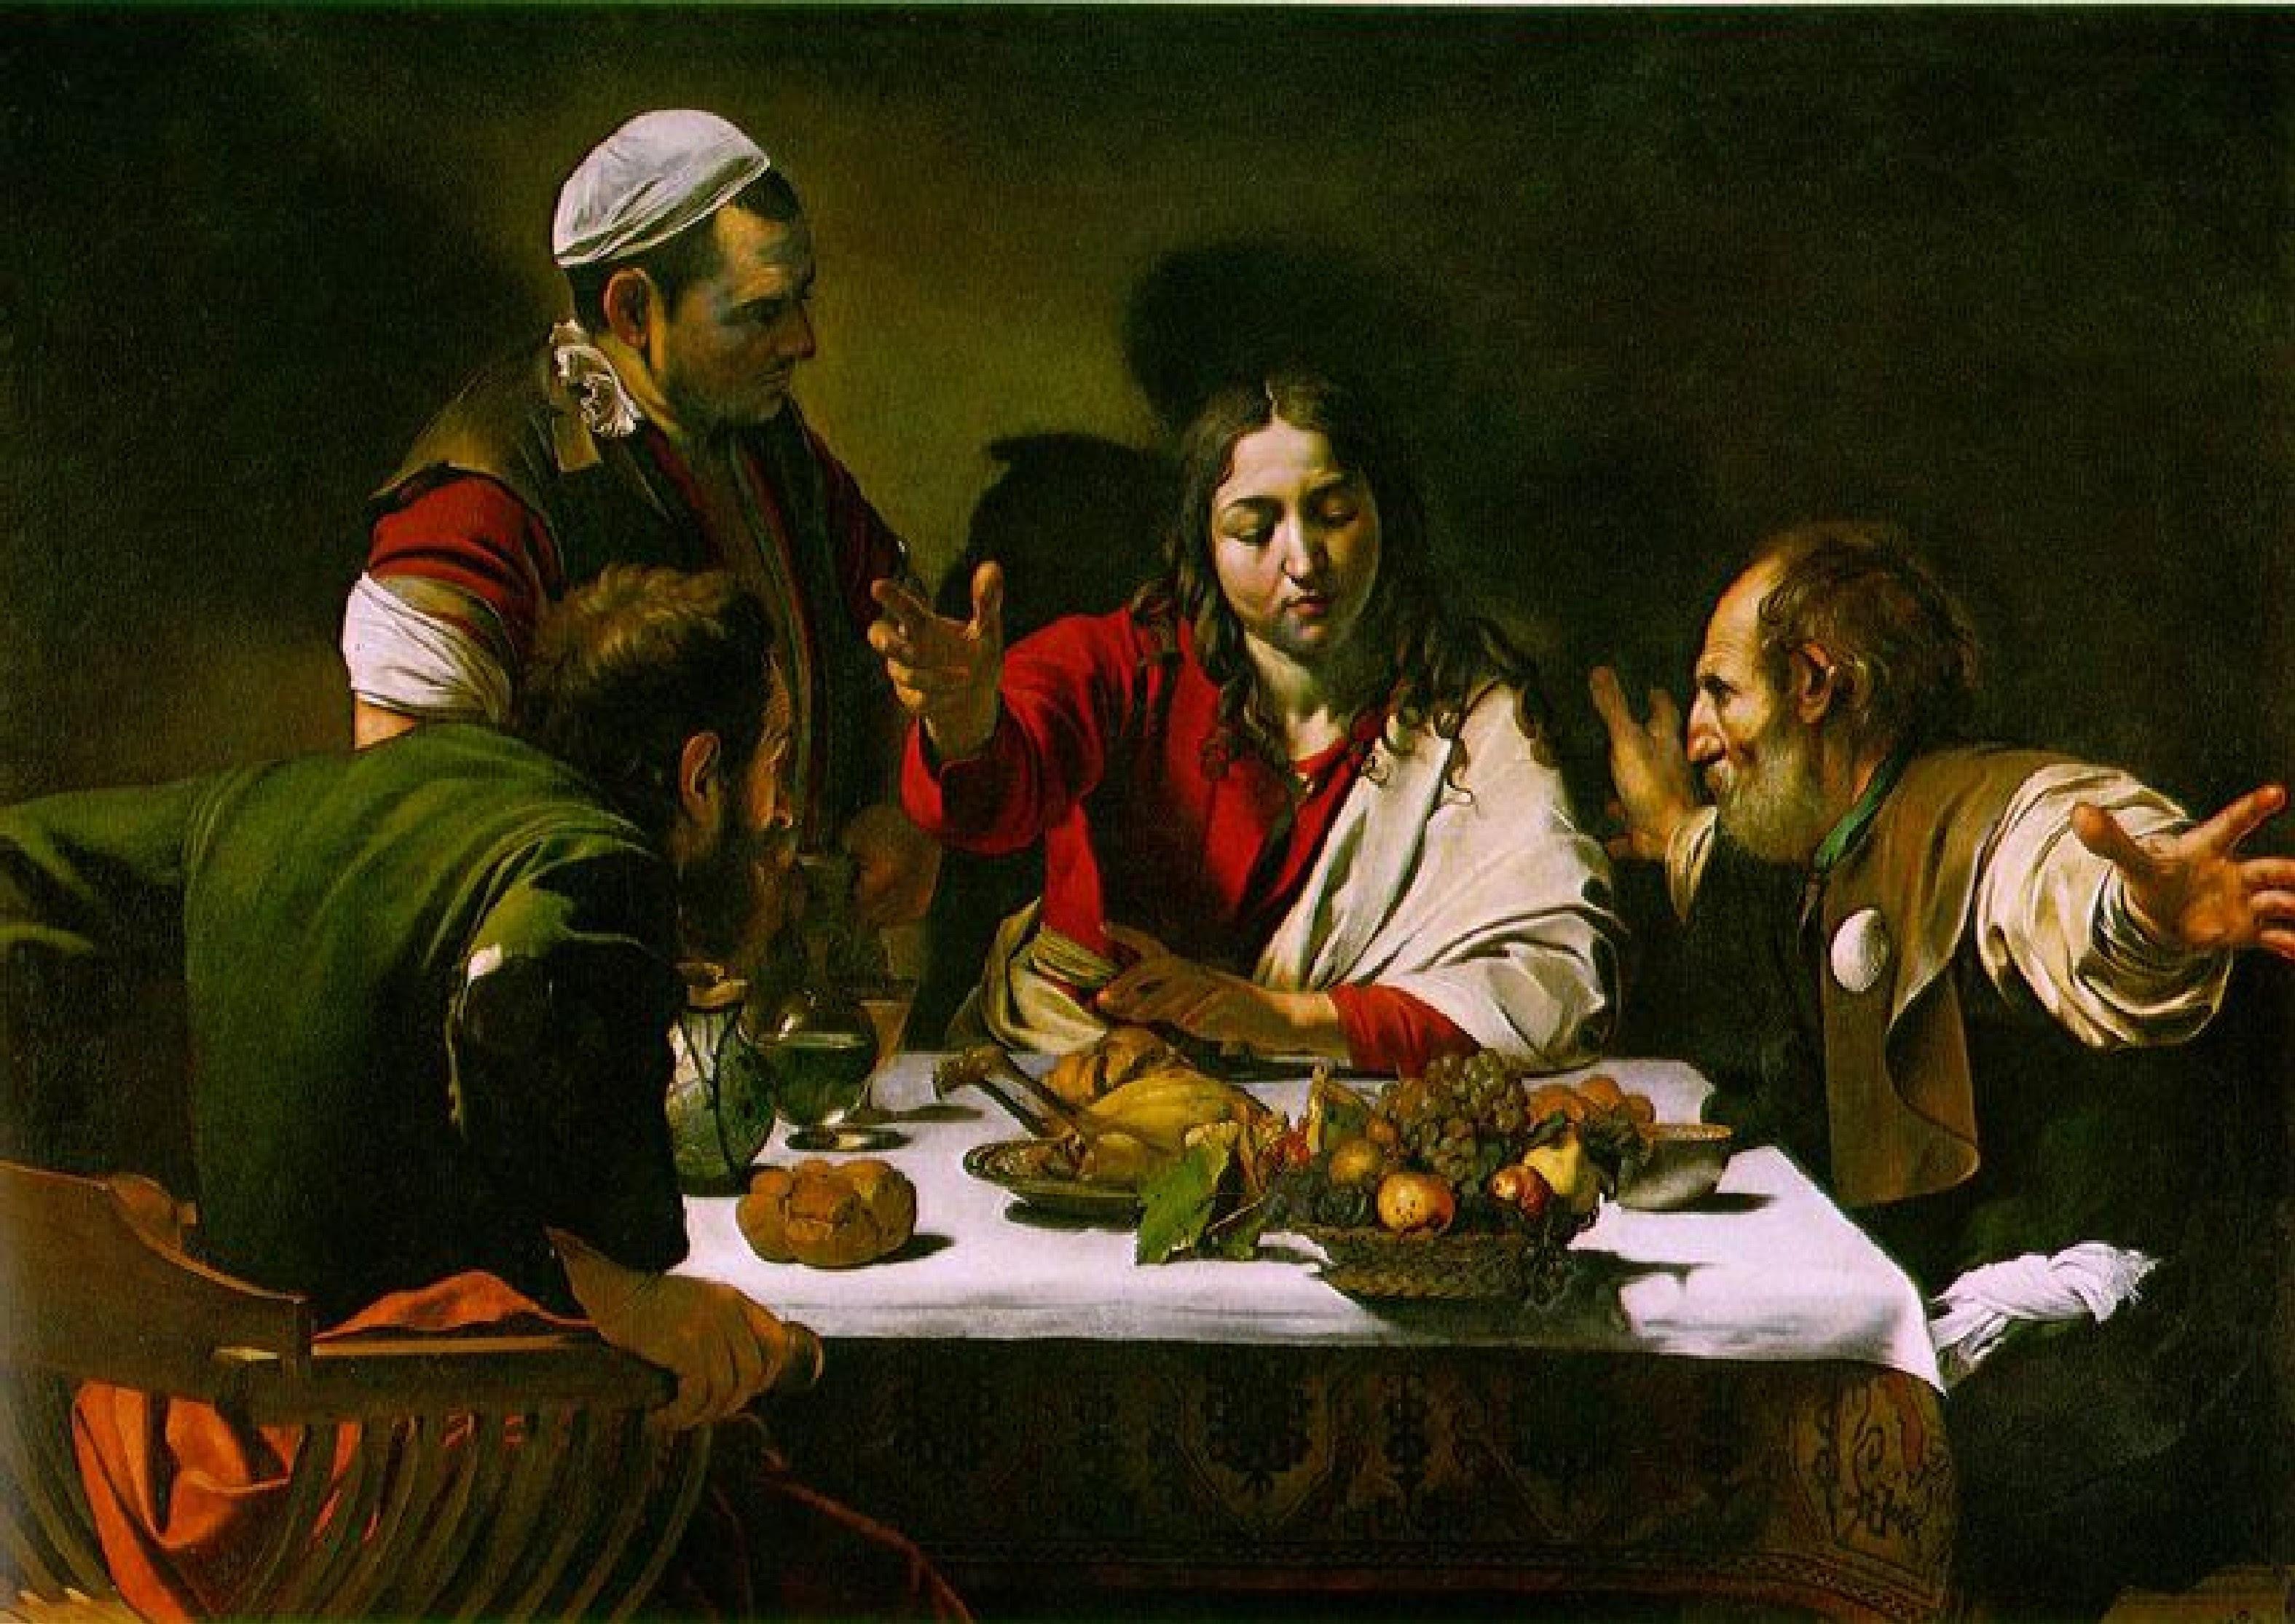 Caravaggio - A Ceia de Emmaús